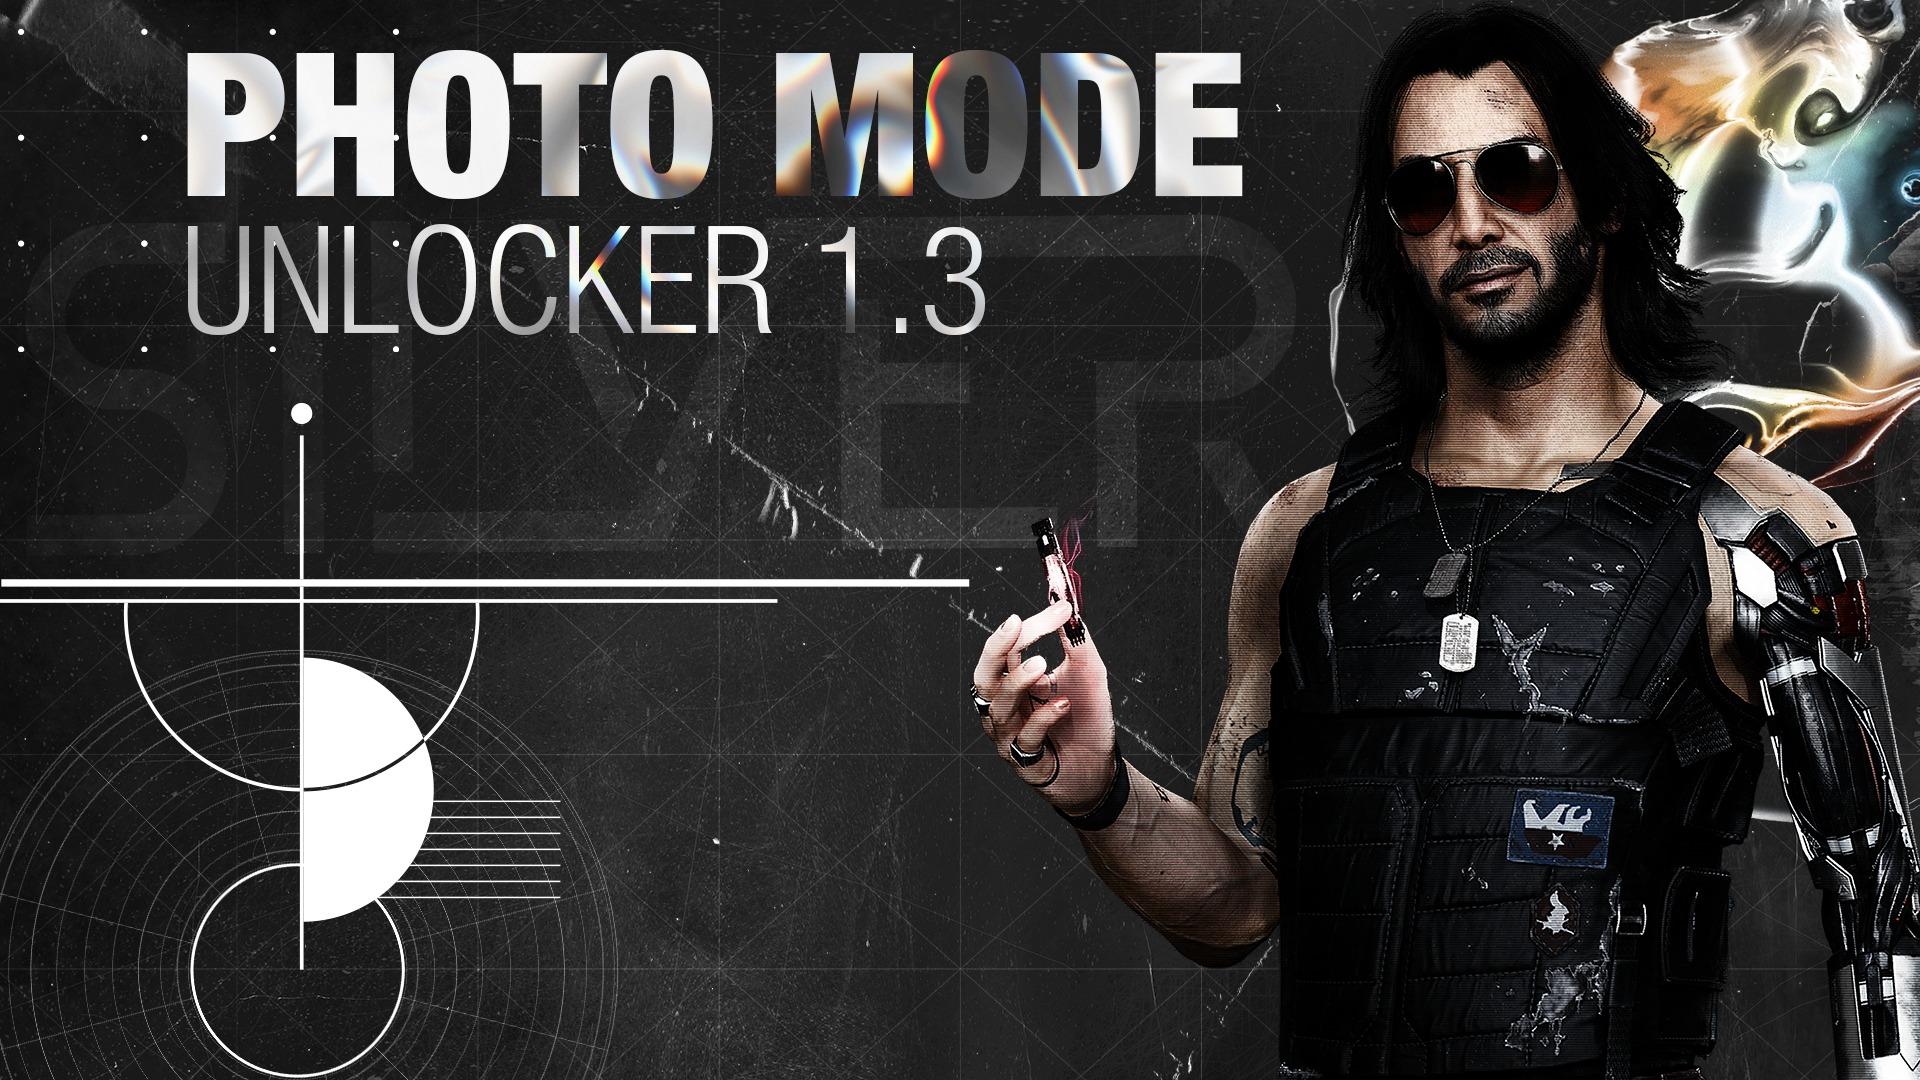 《赛博朋克2077》照片模式强化Mod 去除限制添新功能